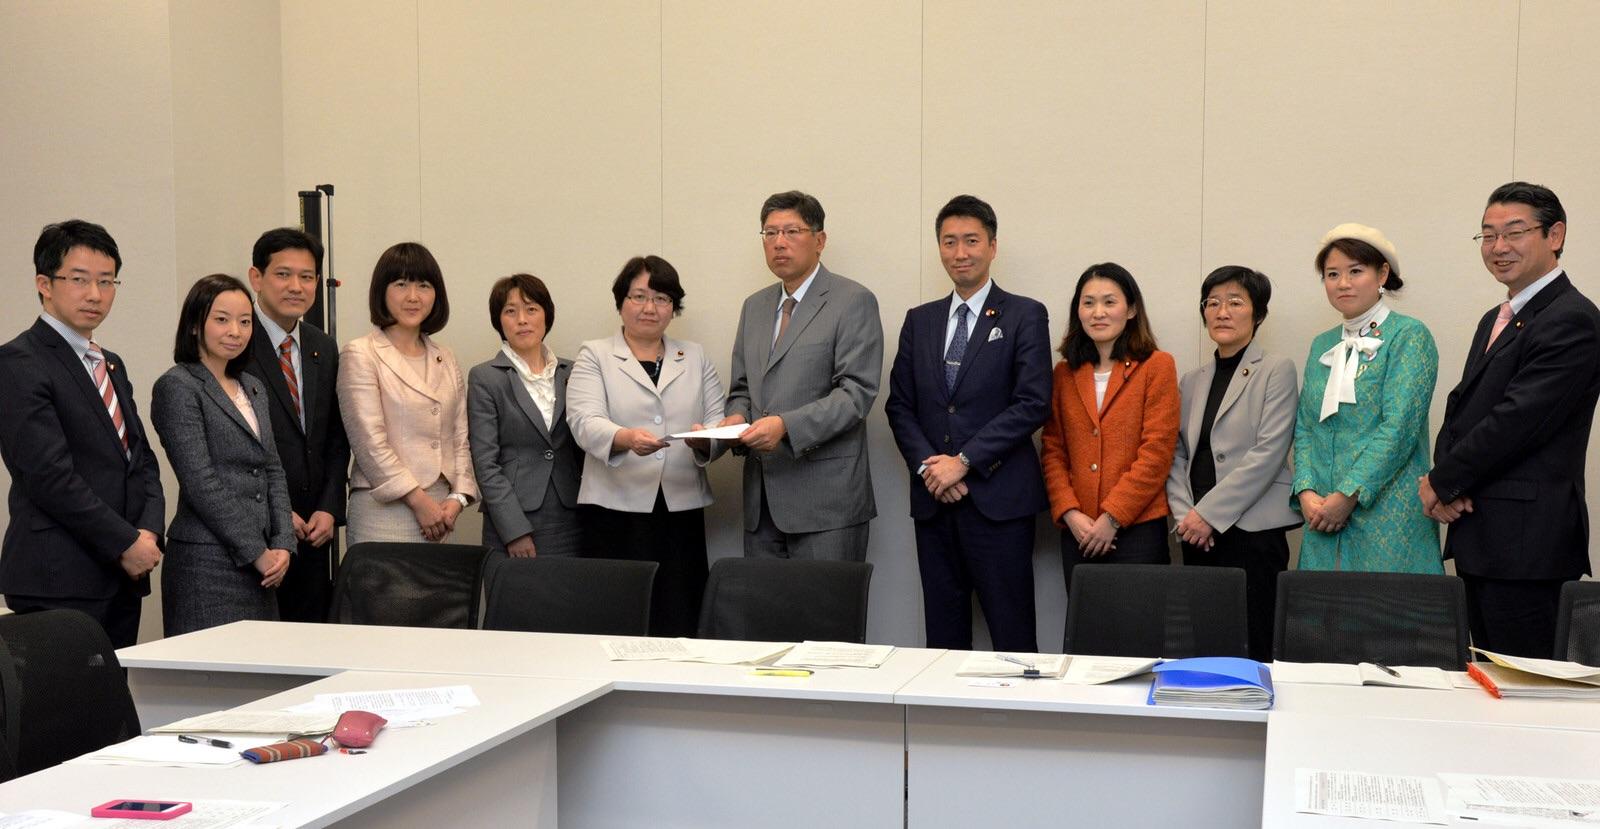 武川内閣府政策統括官(左から7人目)に申し入れ書を渡す党国会議員団=16日、衆院第2議員会館